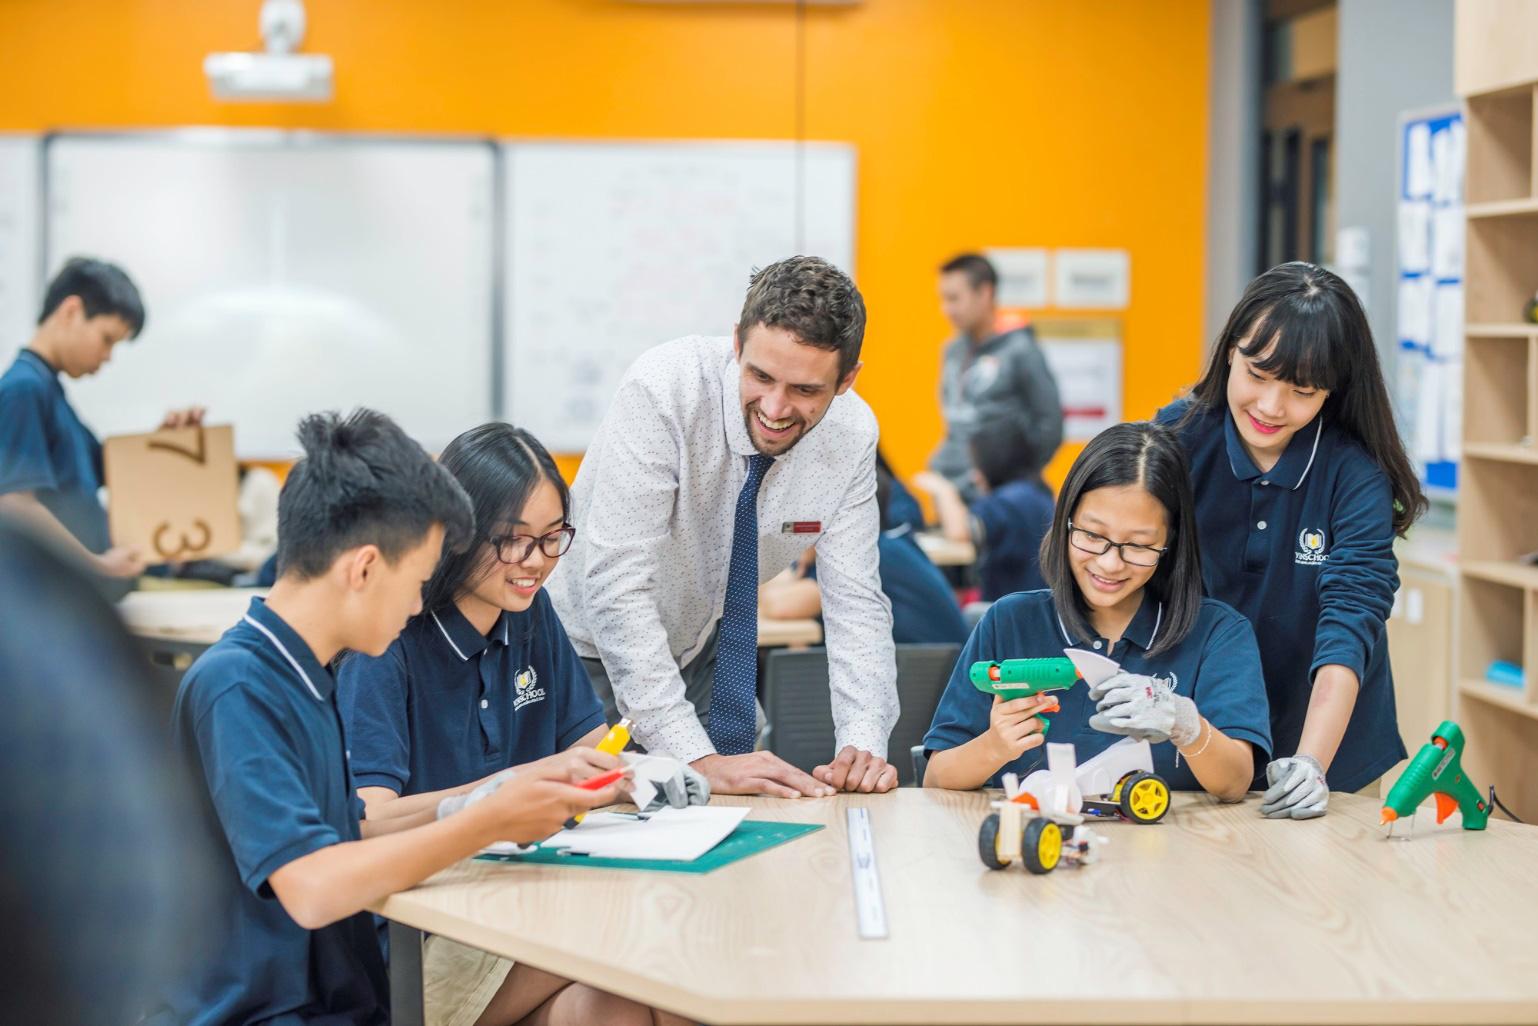 Hệ thống trường Vinschool tại Thanh Hóa bắt đầu tuyển sinh năm học 2021 - 2022 - Ảnh 1.